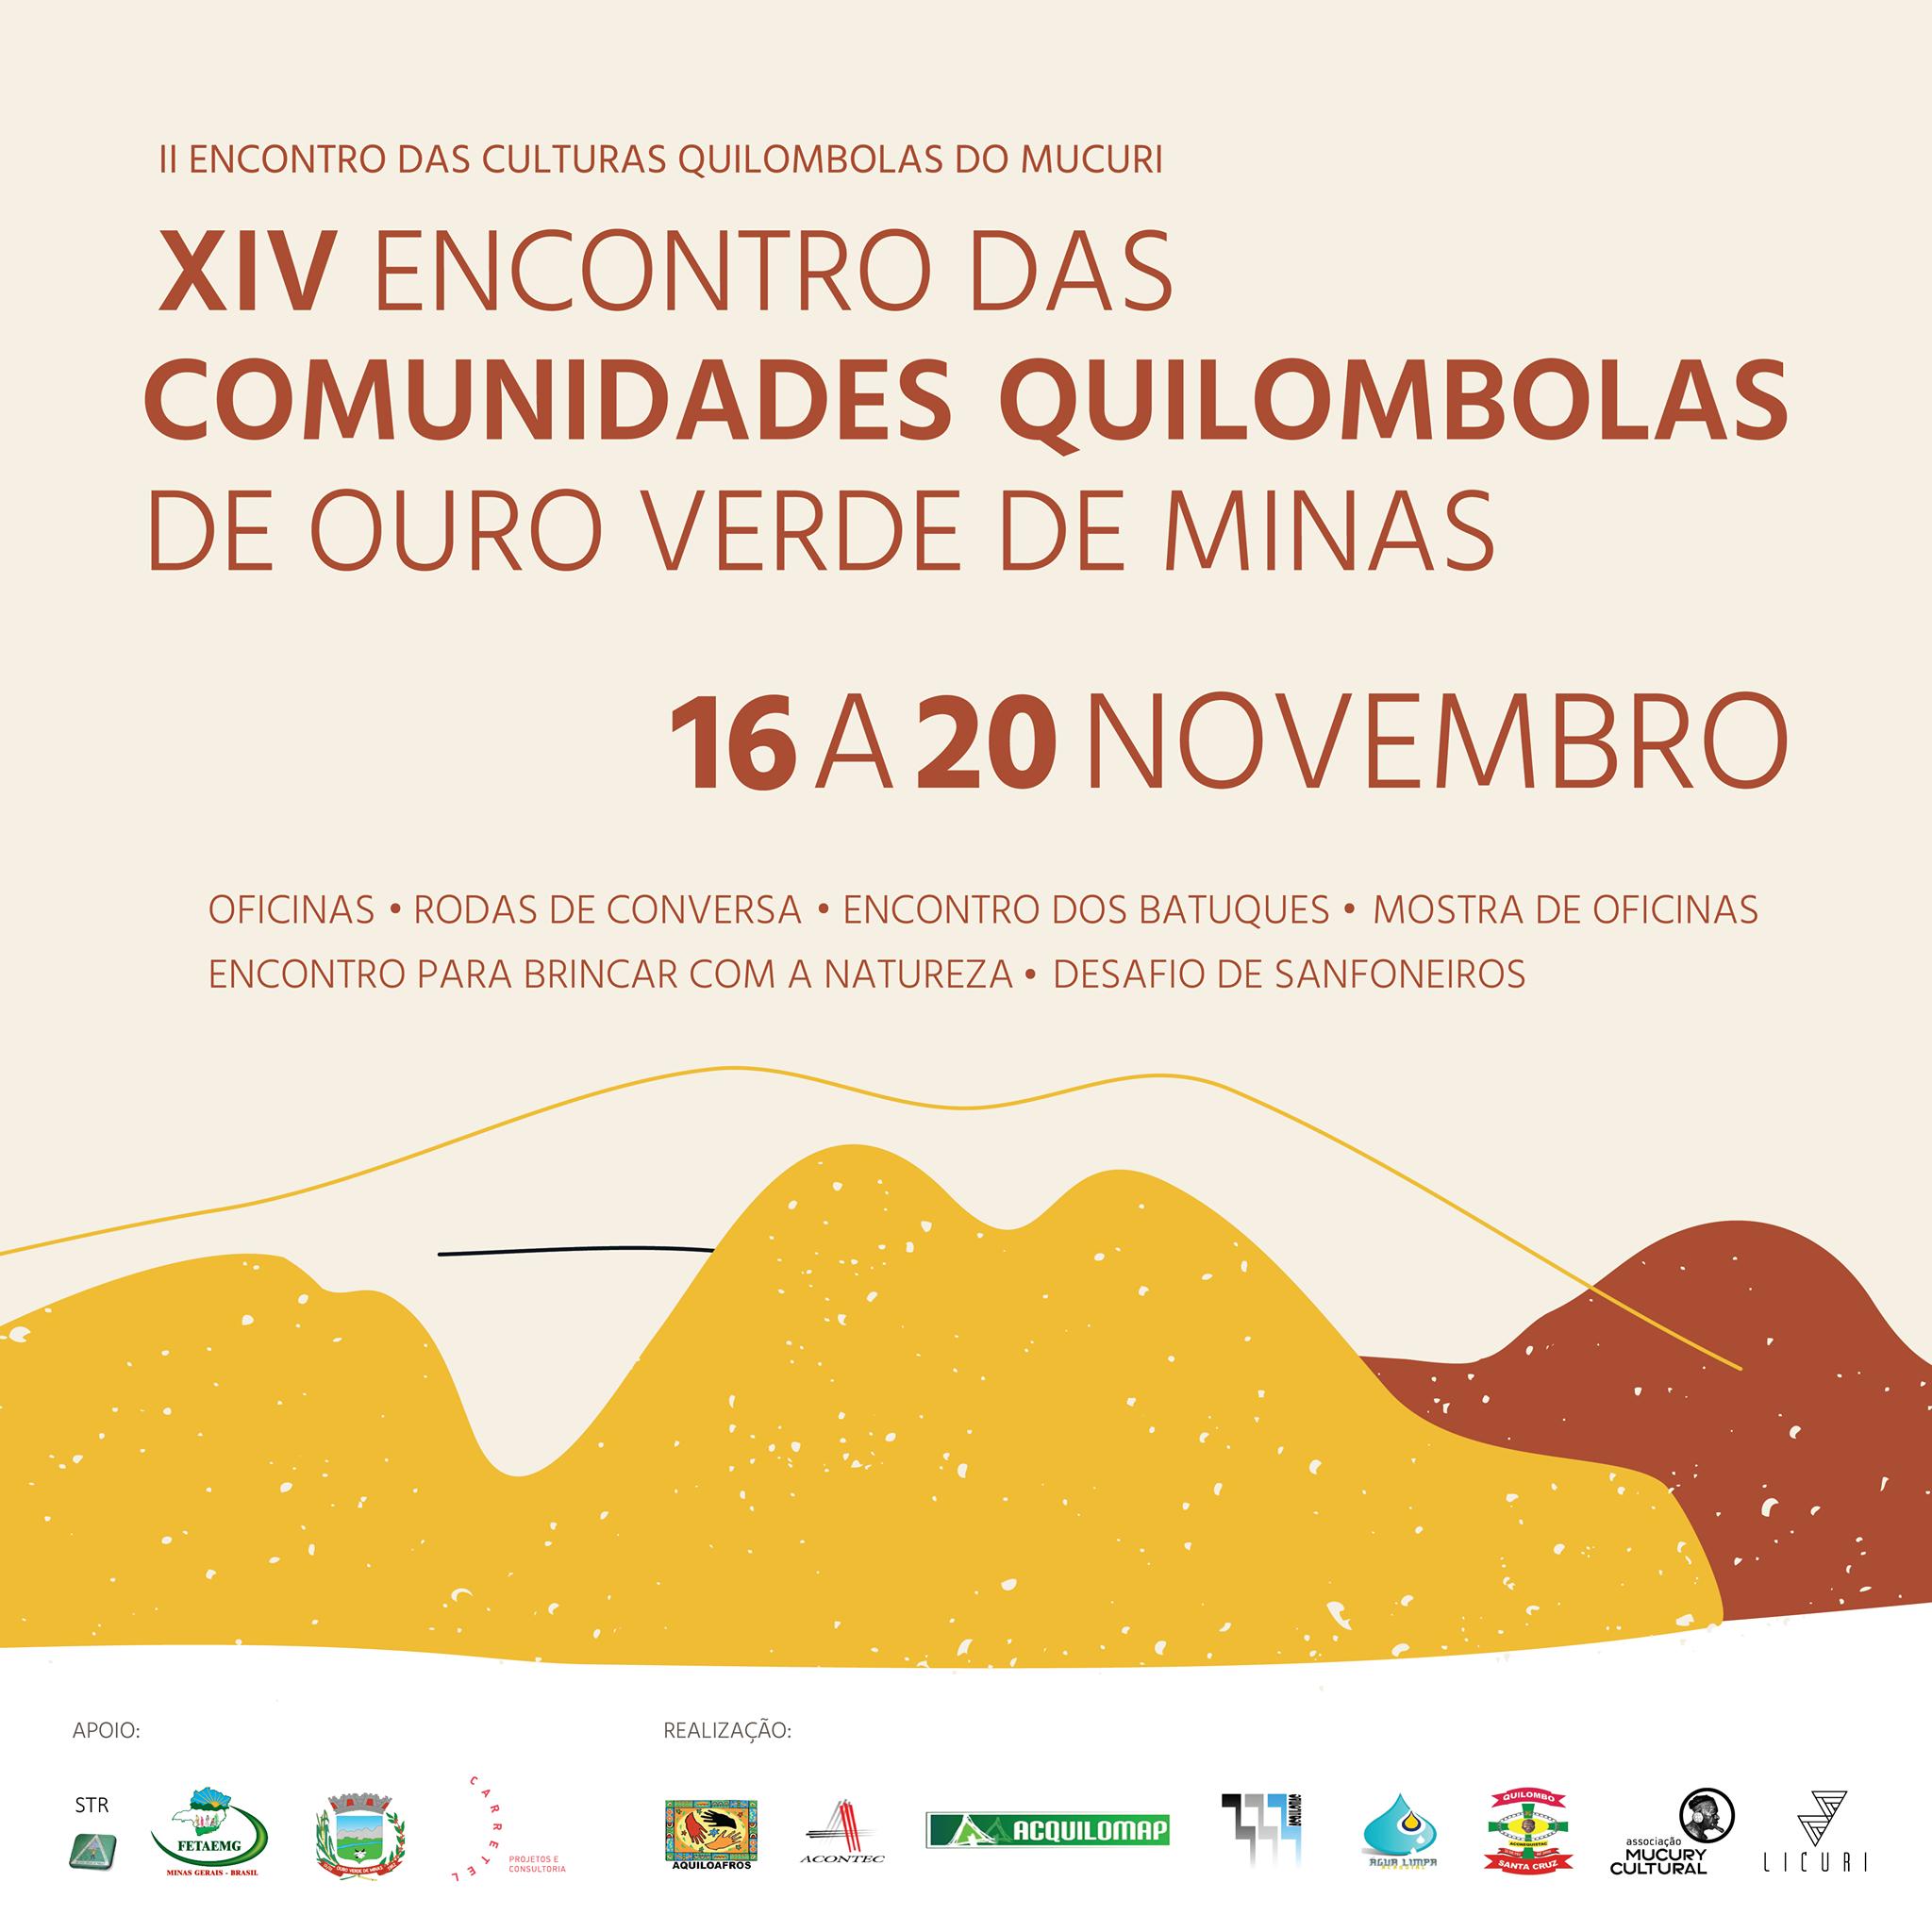 Apoio XIV Encontro das Comunidades Quilo